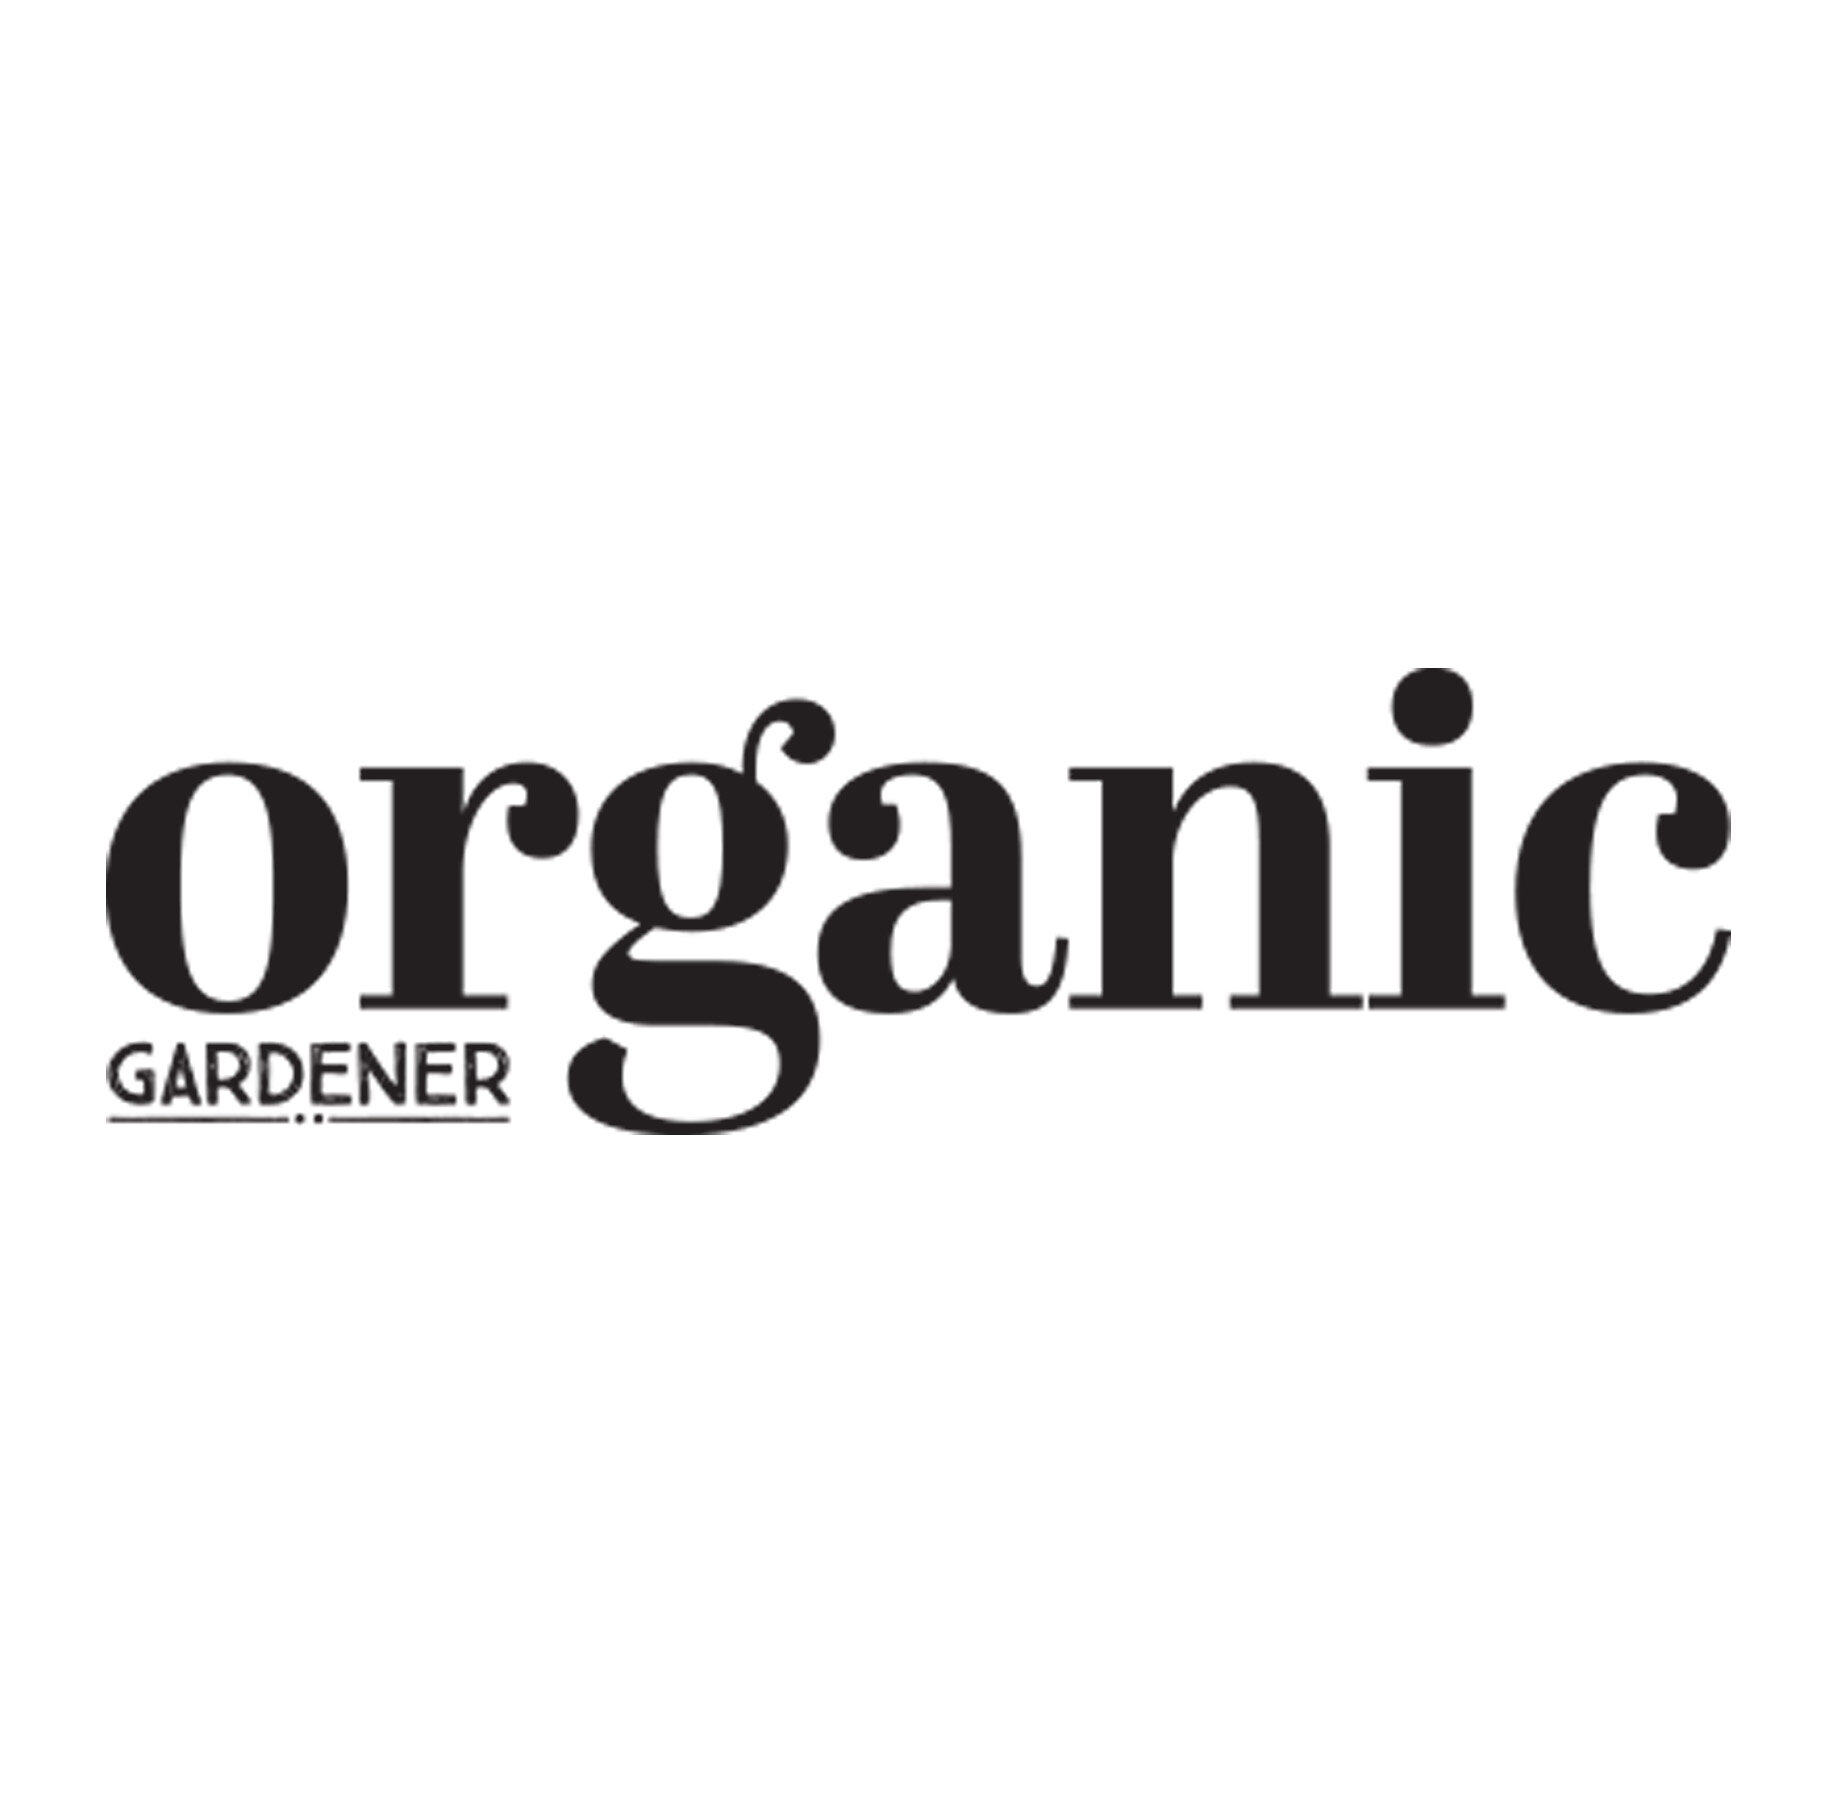 organic garnerner.jpg